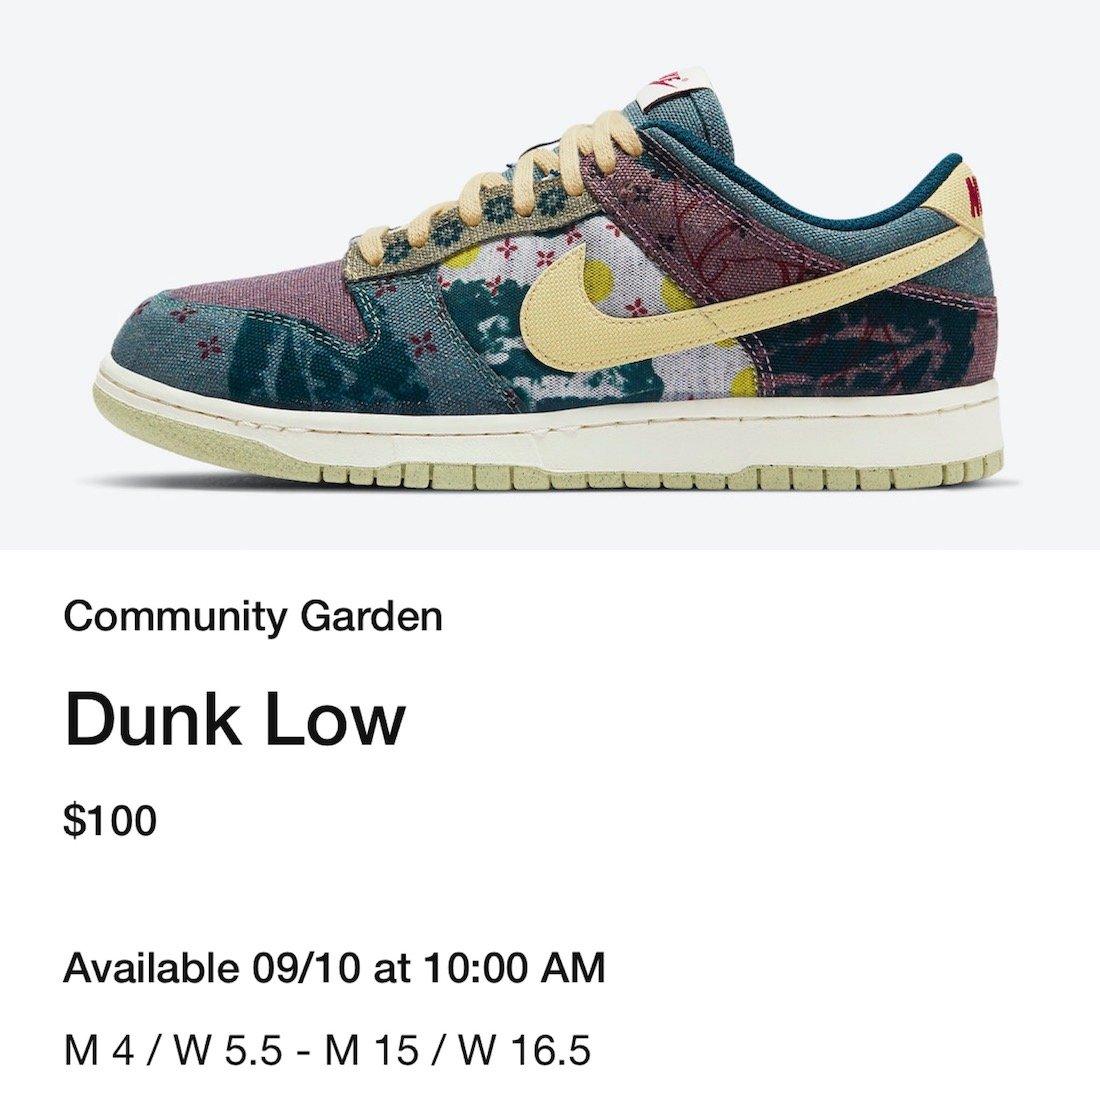 Nike Dunk Low Community Garden CZ9747-900 Release Date